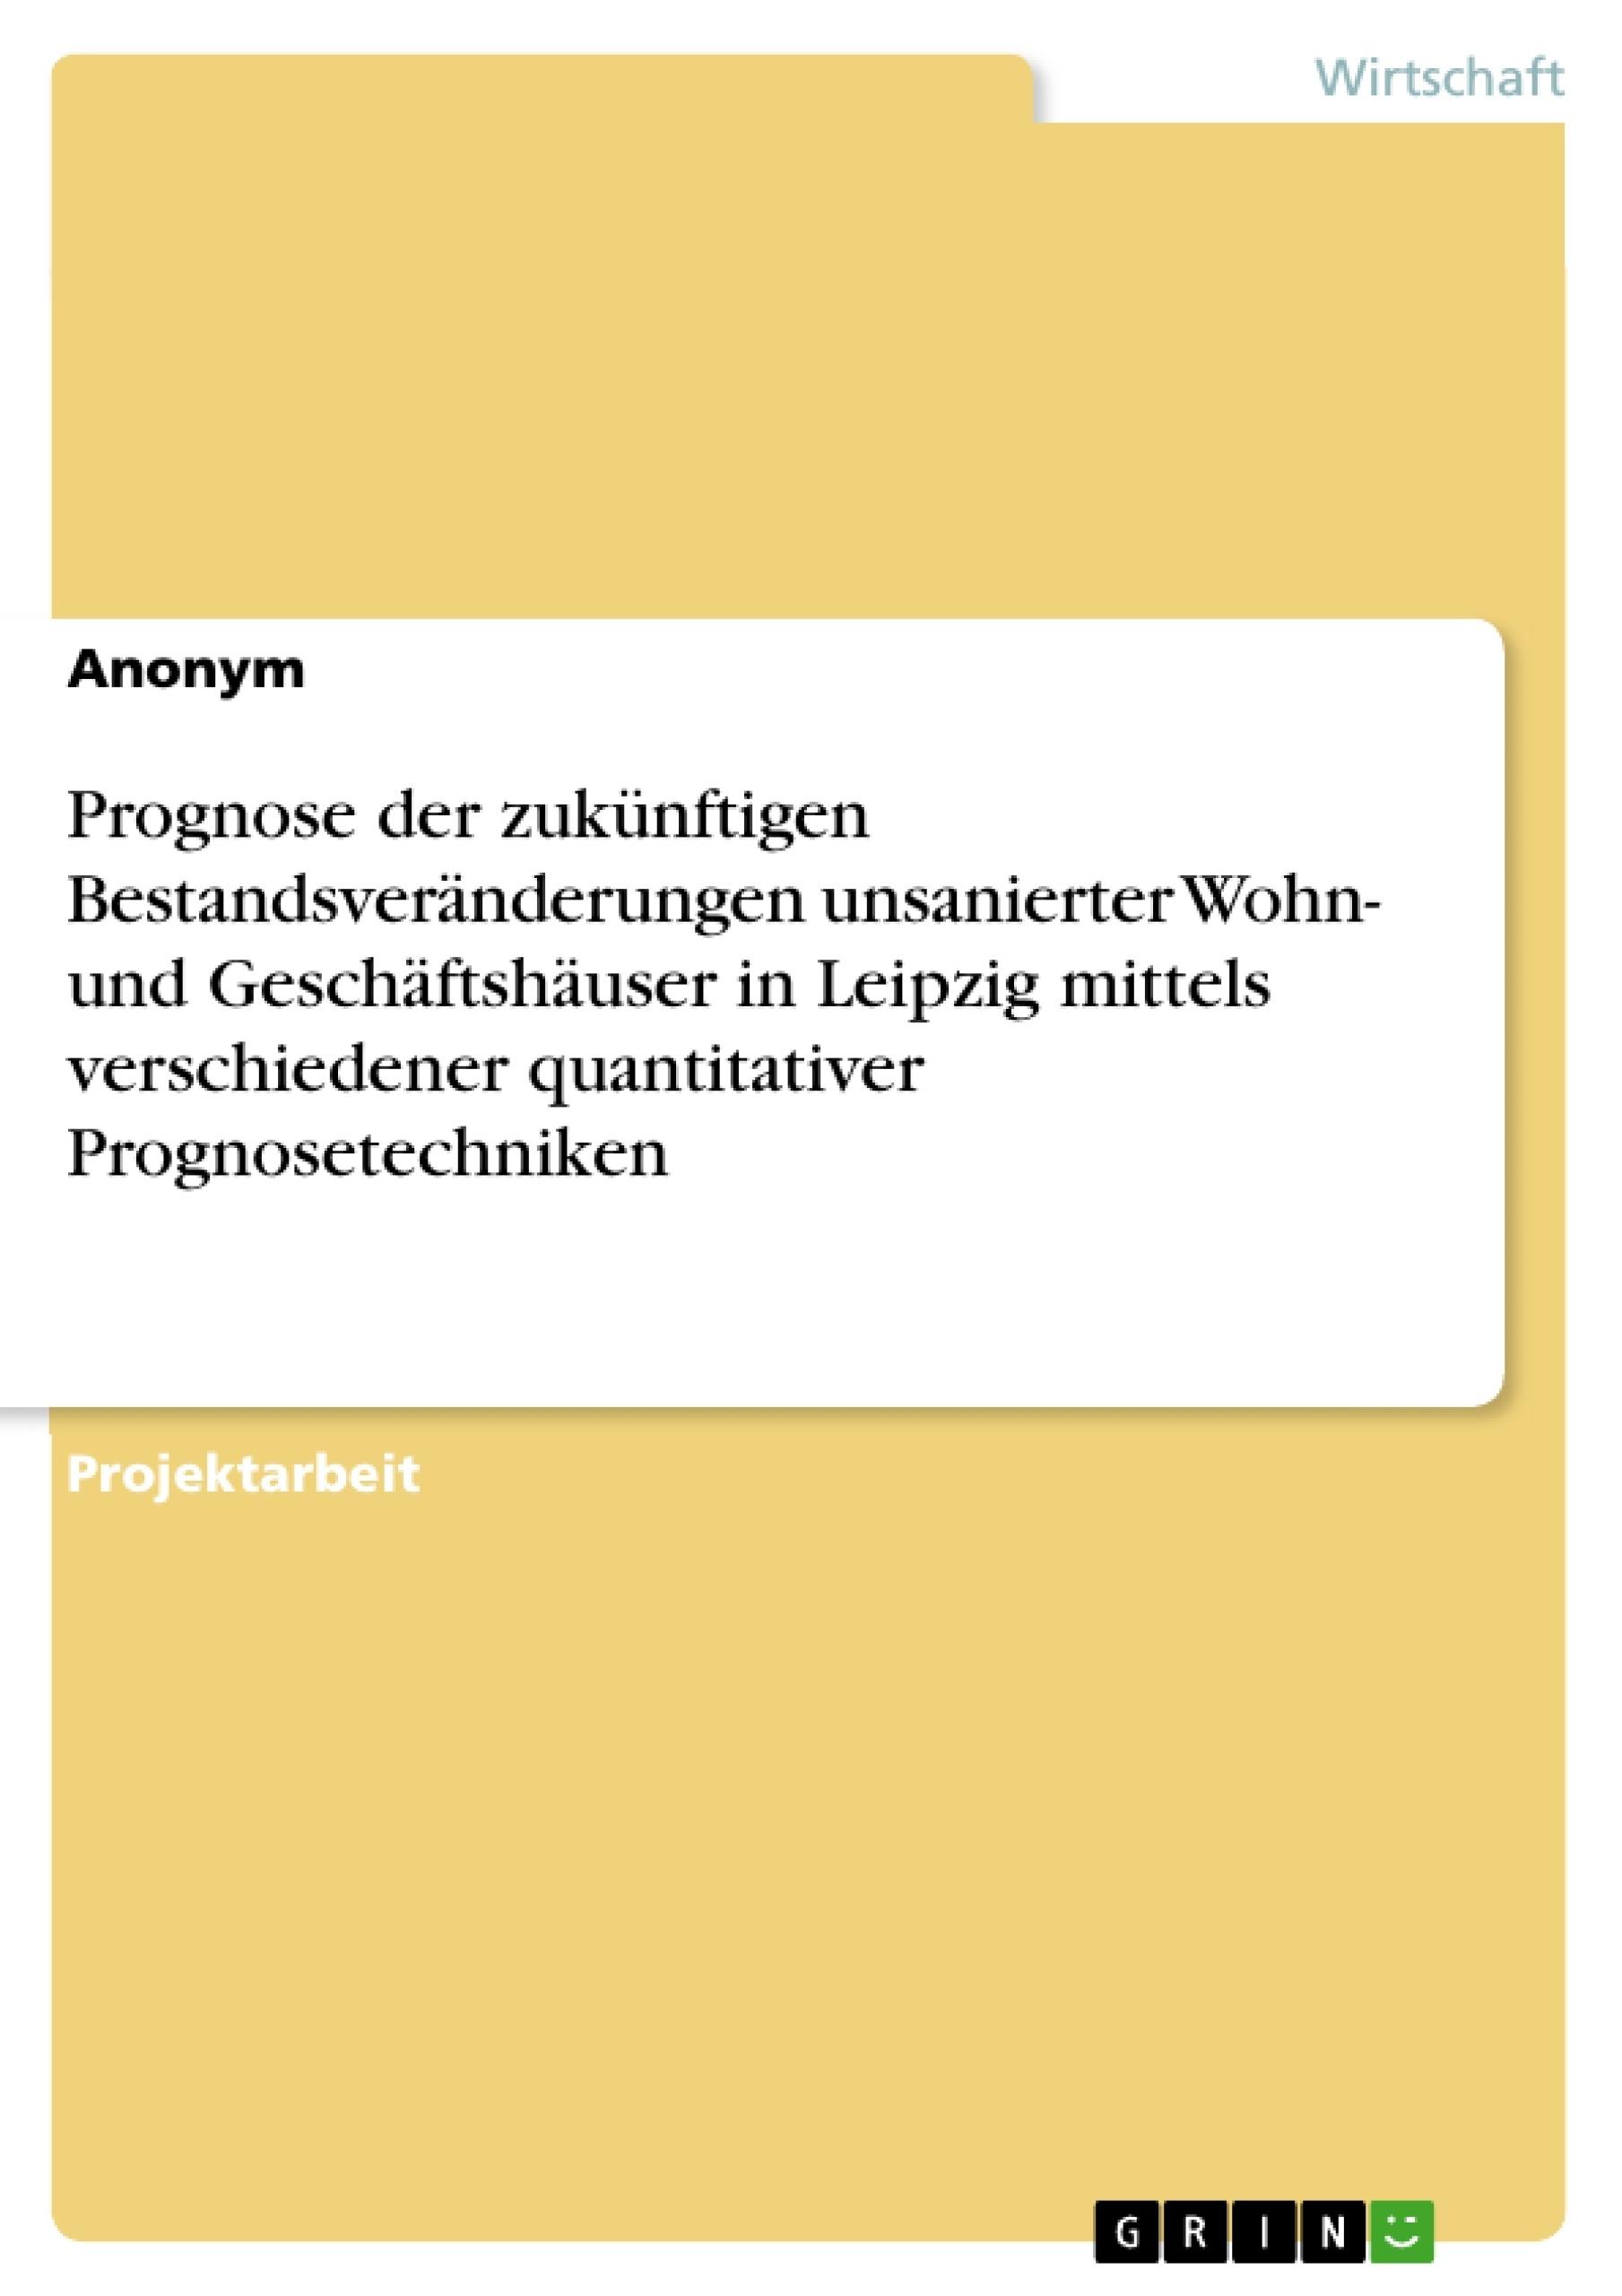 Titel: Prognose der zukünftigen Bestandsveränderungen unsanierter Wohn- und Geschäftshäuser in Leipzig mittels verschiedener quantitativer Prognosetechniken